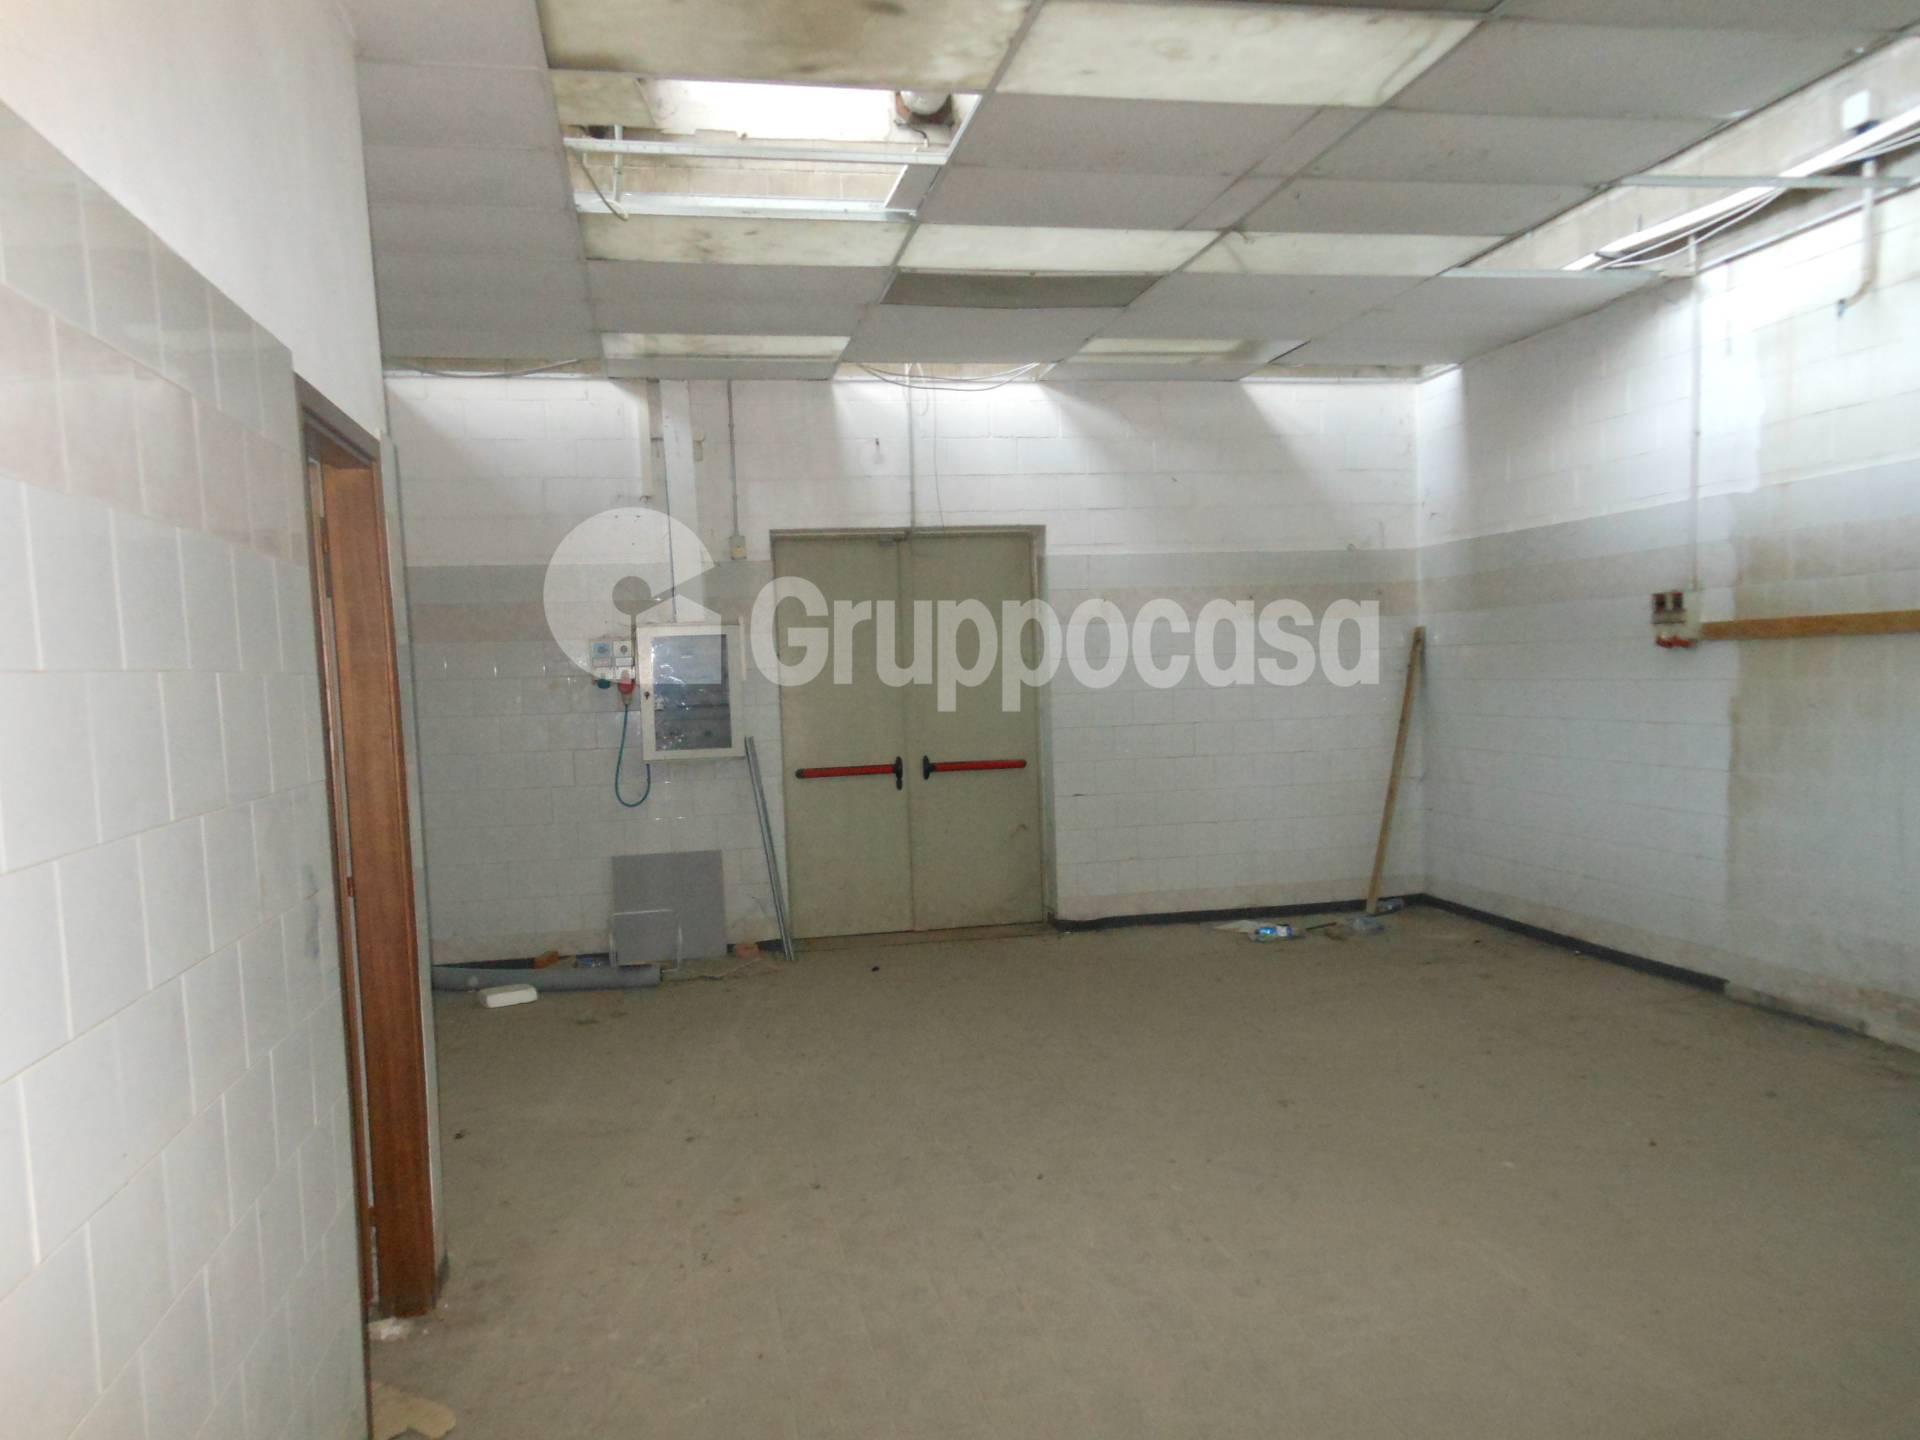 Negozio / Locale in affitto a Corbetta, 9999 locali, prezzo € 1.700 | PortaleAgenzieImmobiliari.it